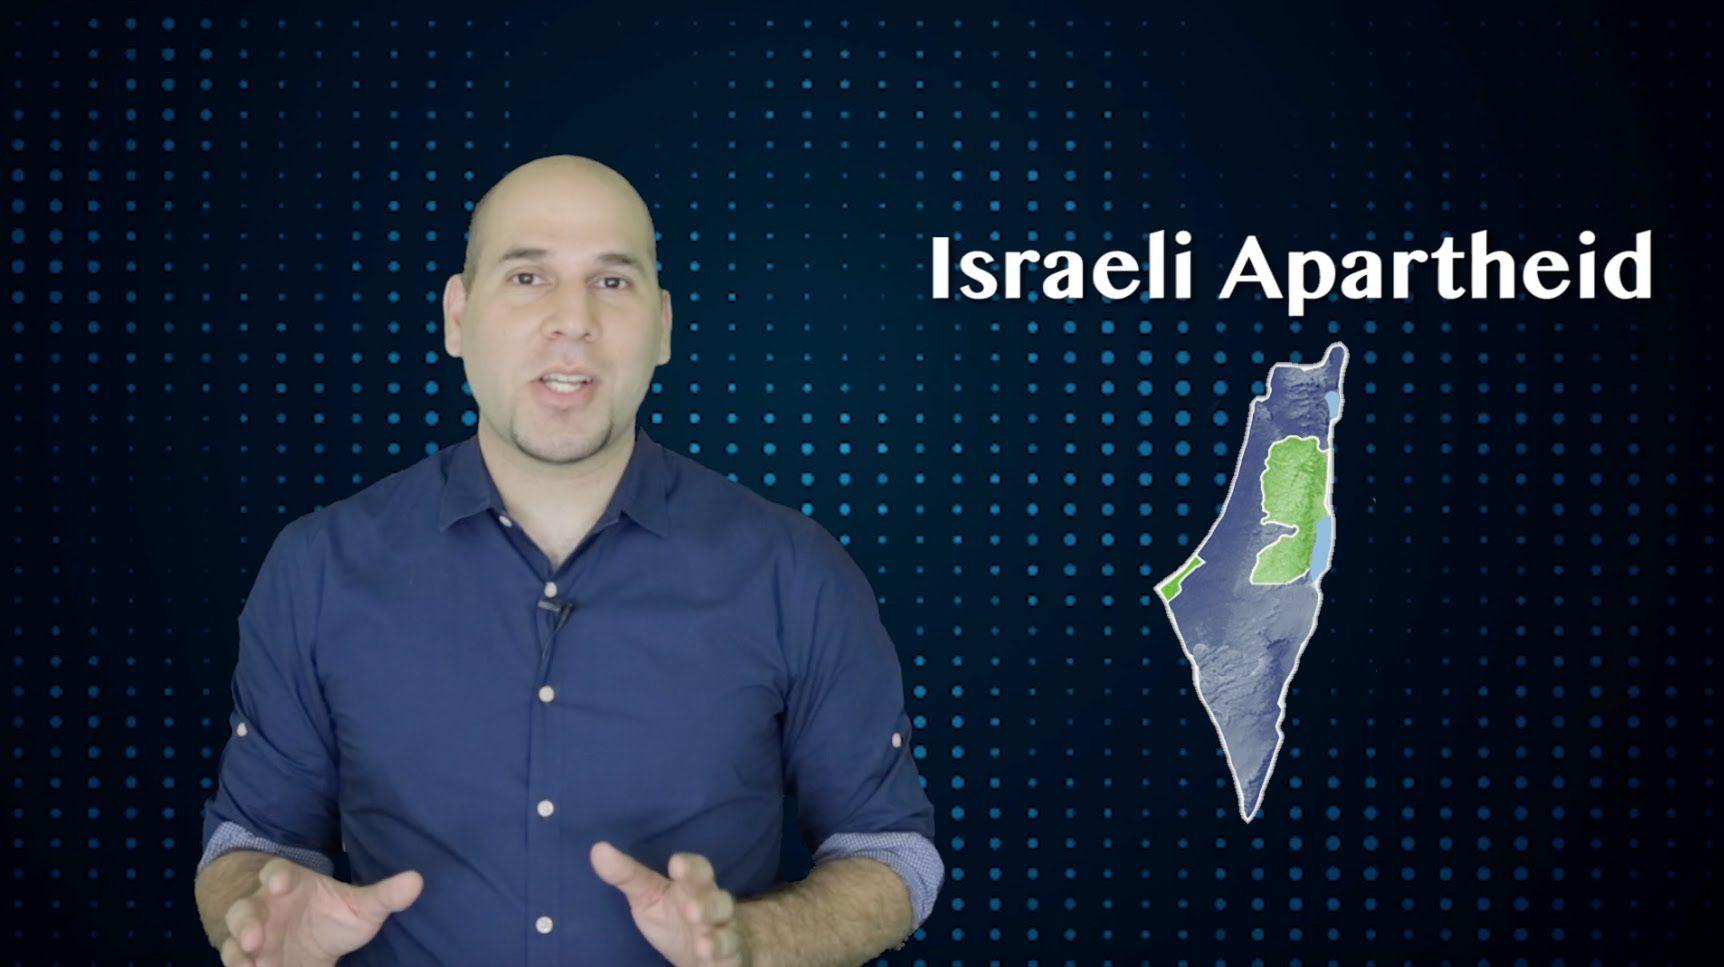 Excellent Palestine apartheid explanation at https://www.youtube.com/watch?v=QNlPPfHigDc